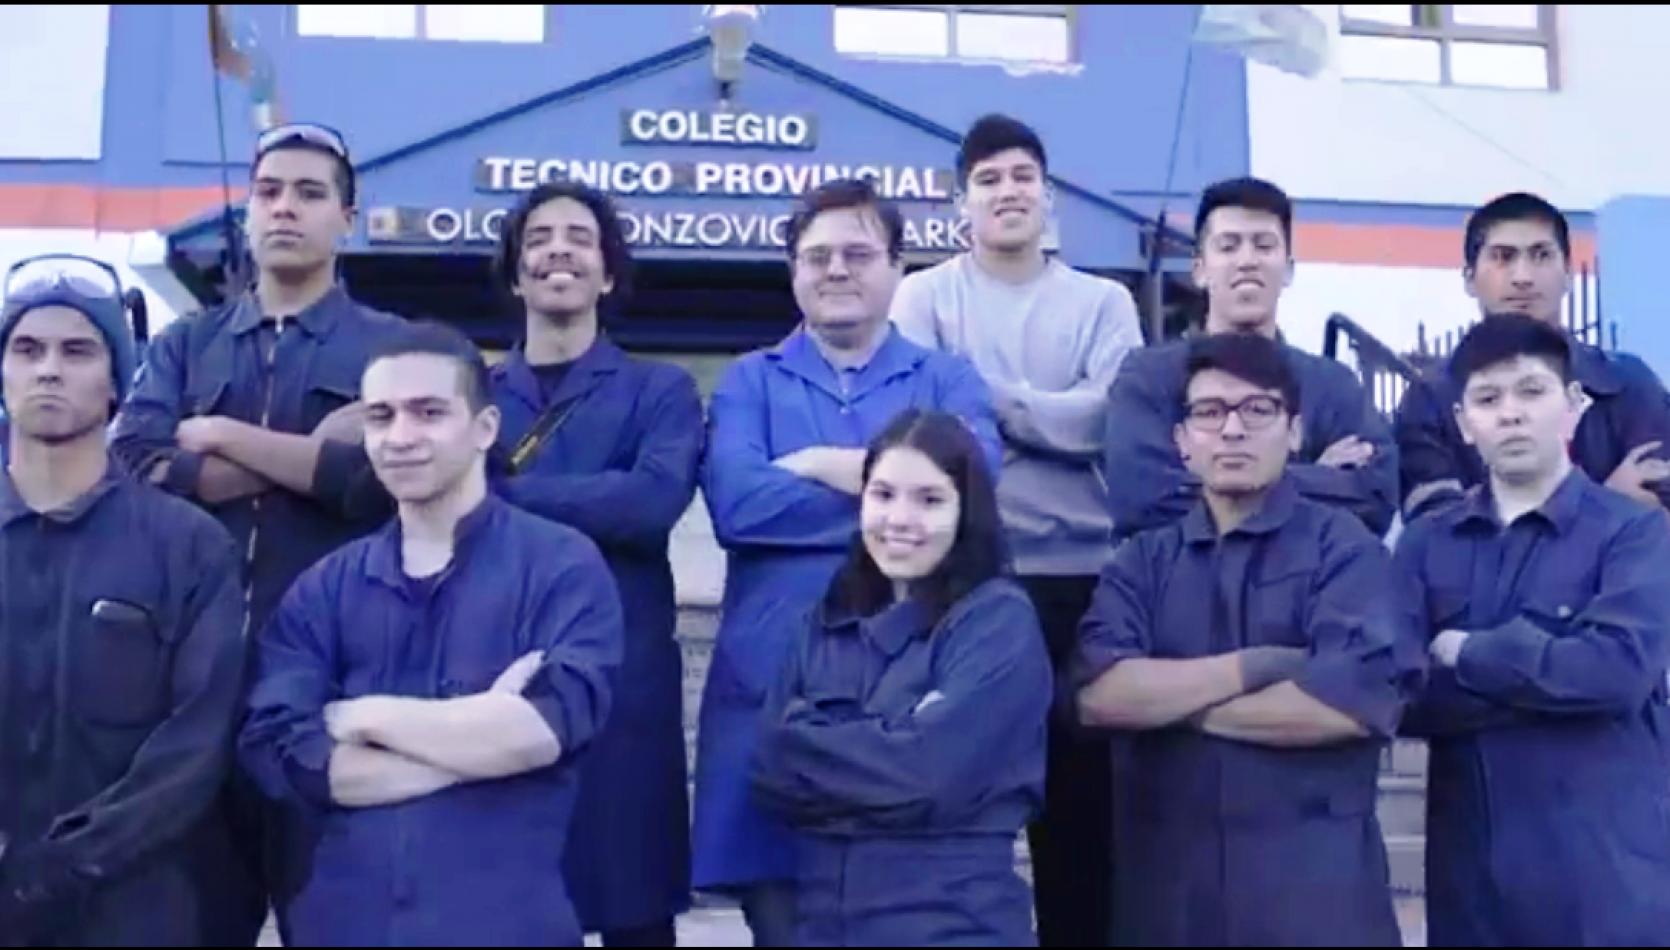 Alumnos del Colegio Técnico Provincial Olga B. de Arko